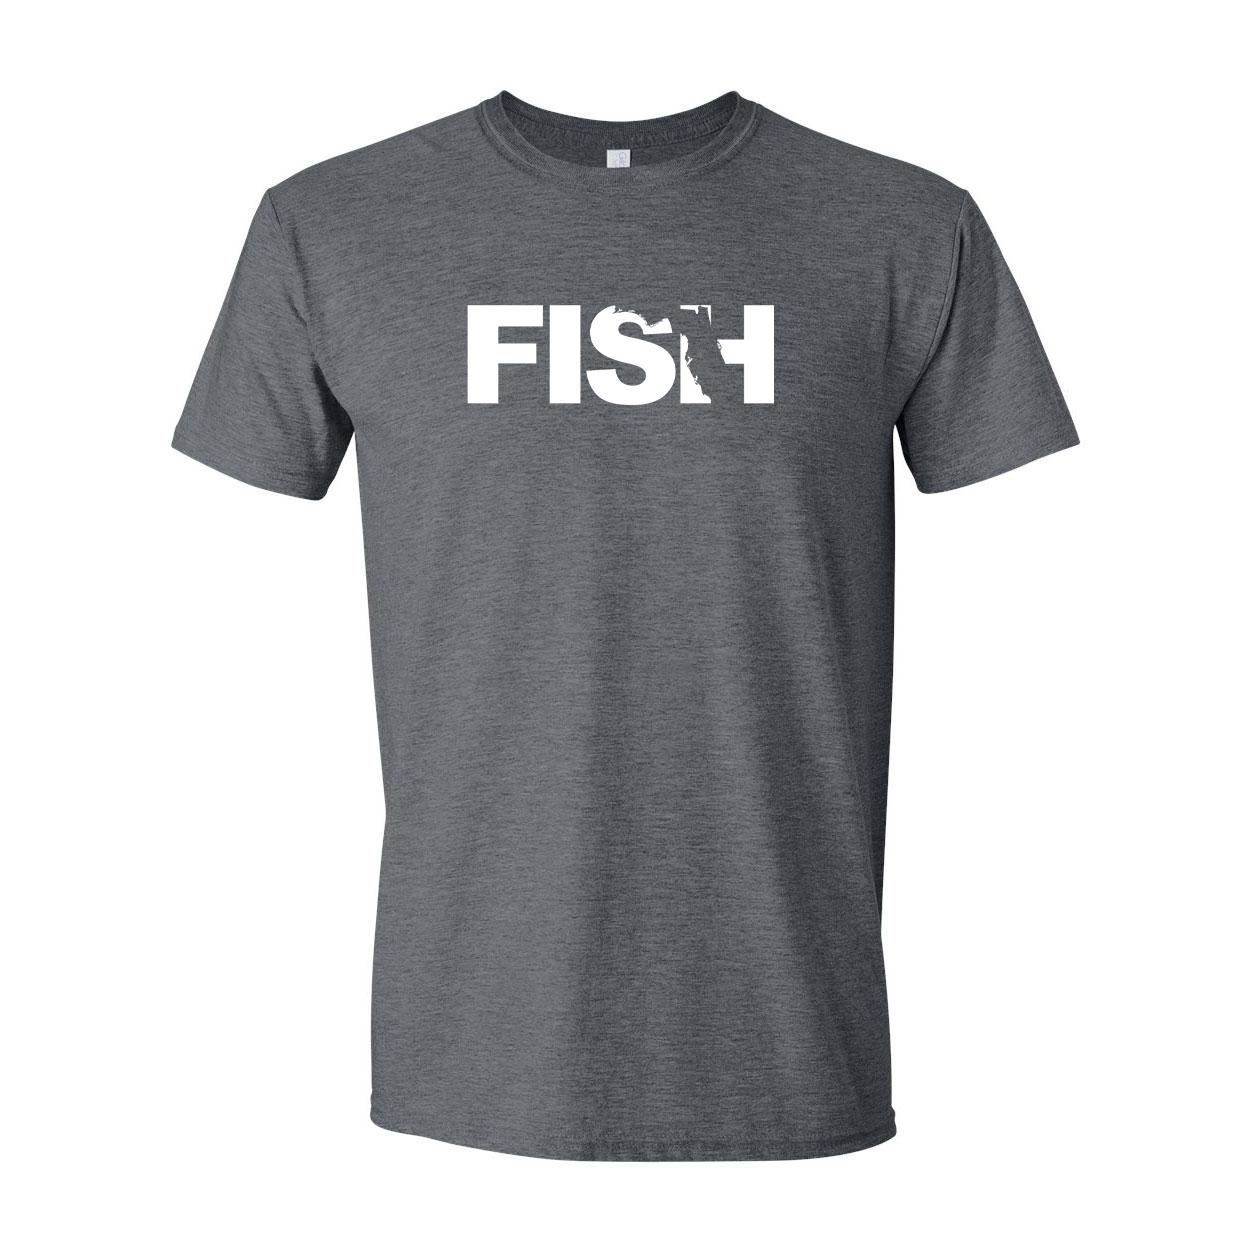 Fish Florida Classic T-Shirt Dark Heather Gray (White Logo)